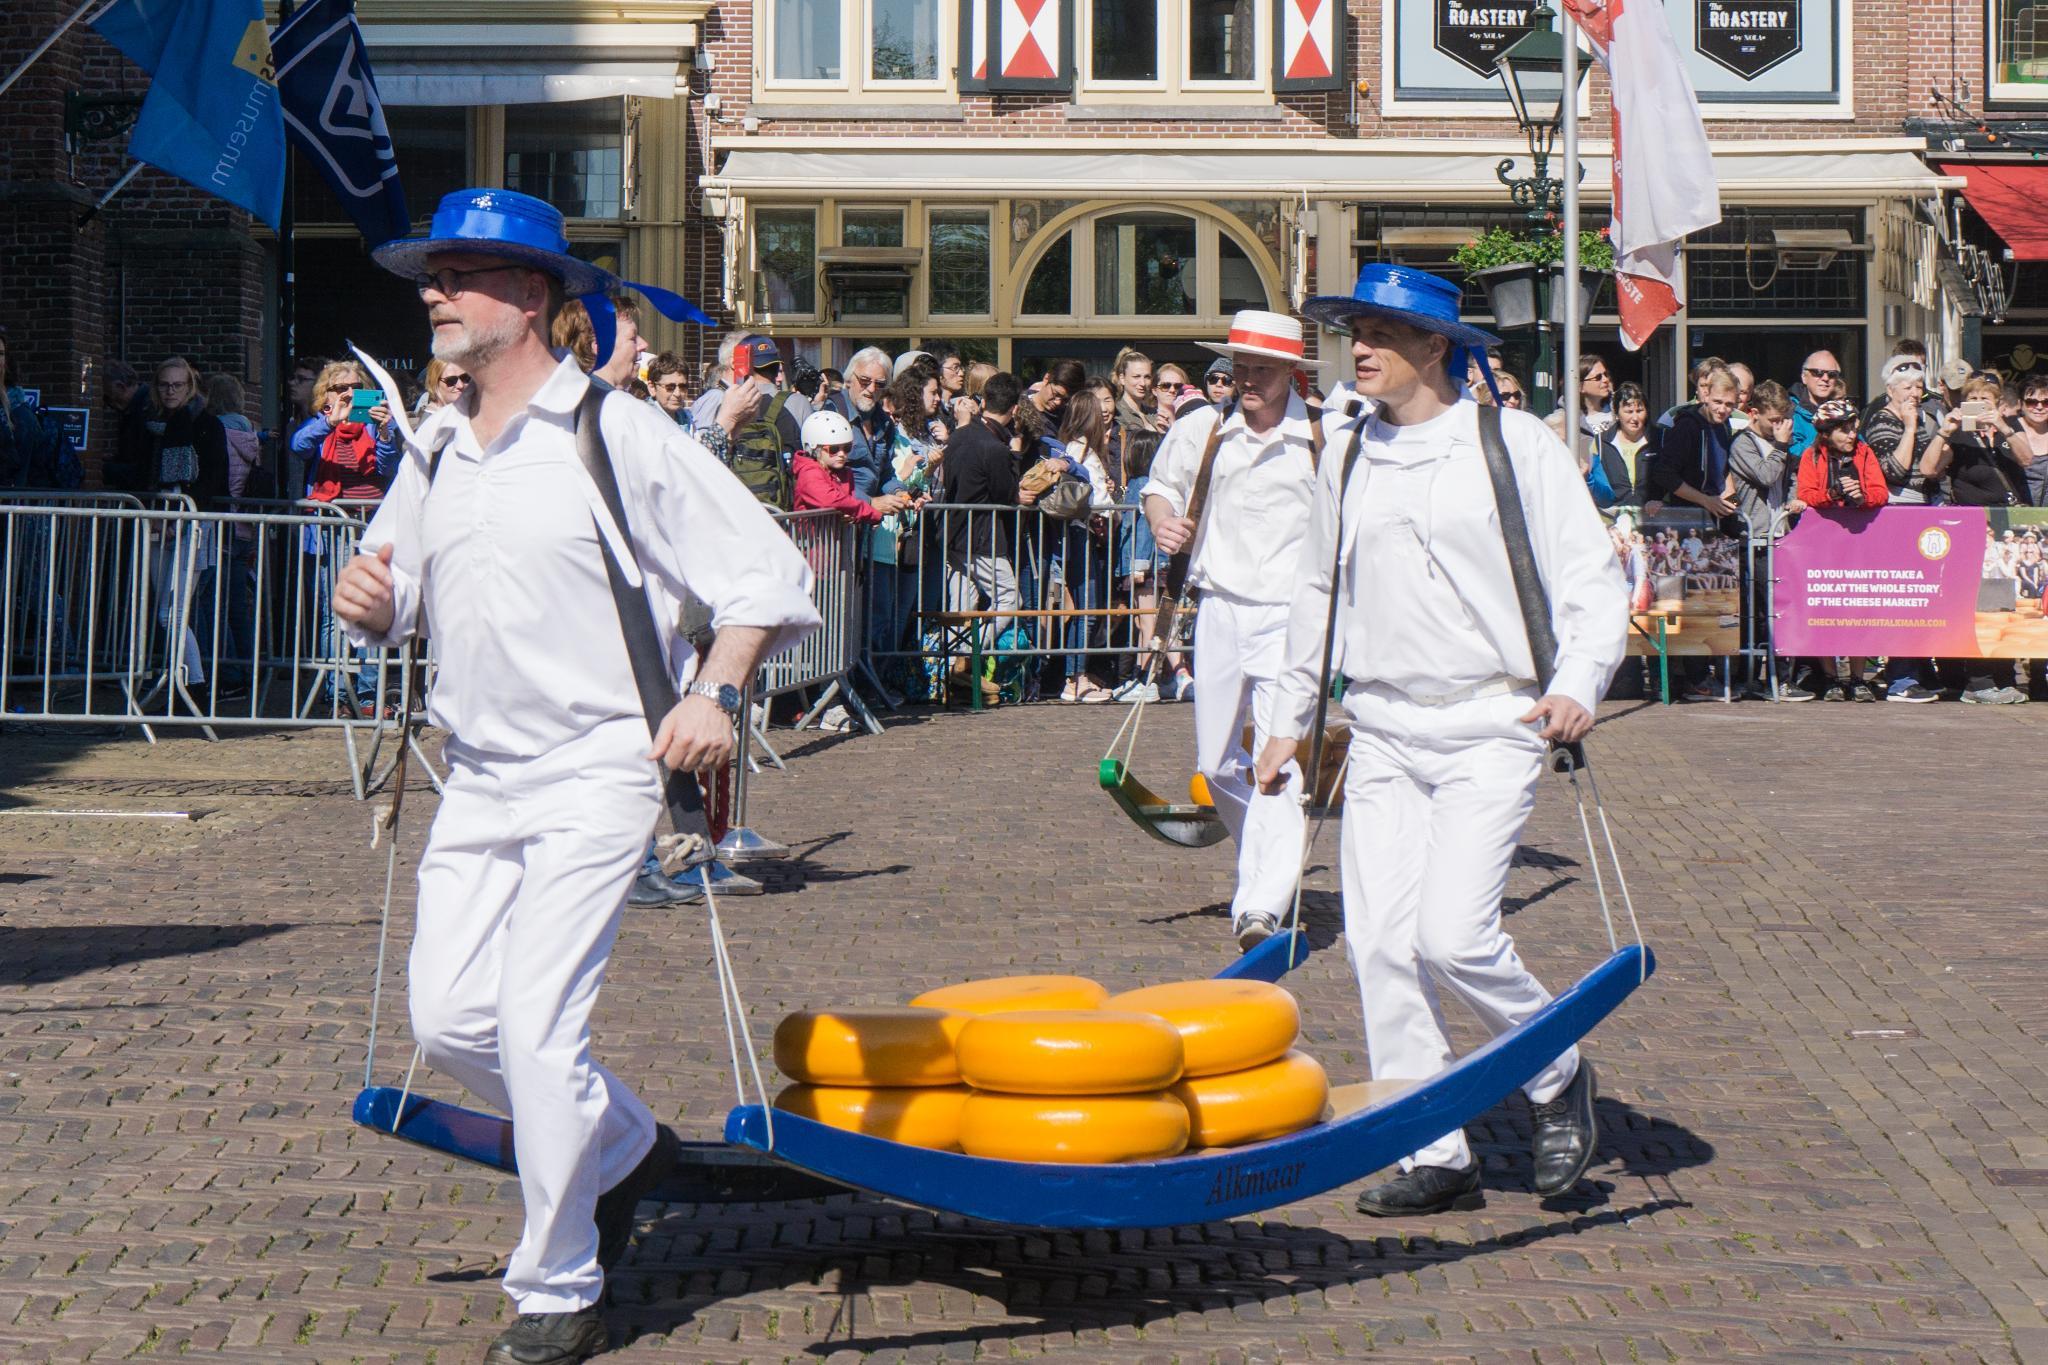 【荷蘭印象】體驗道地的荷式風情 — Alkmaar 起司市集 散步路線整理 3